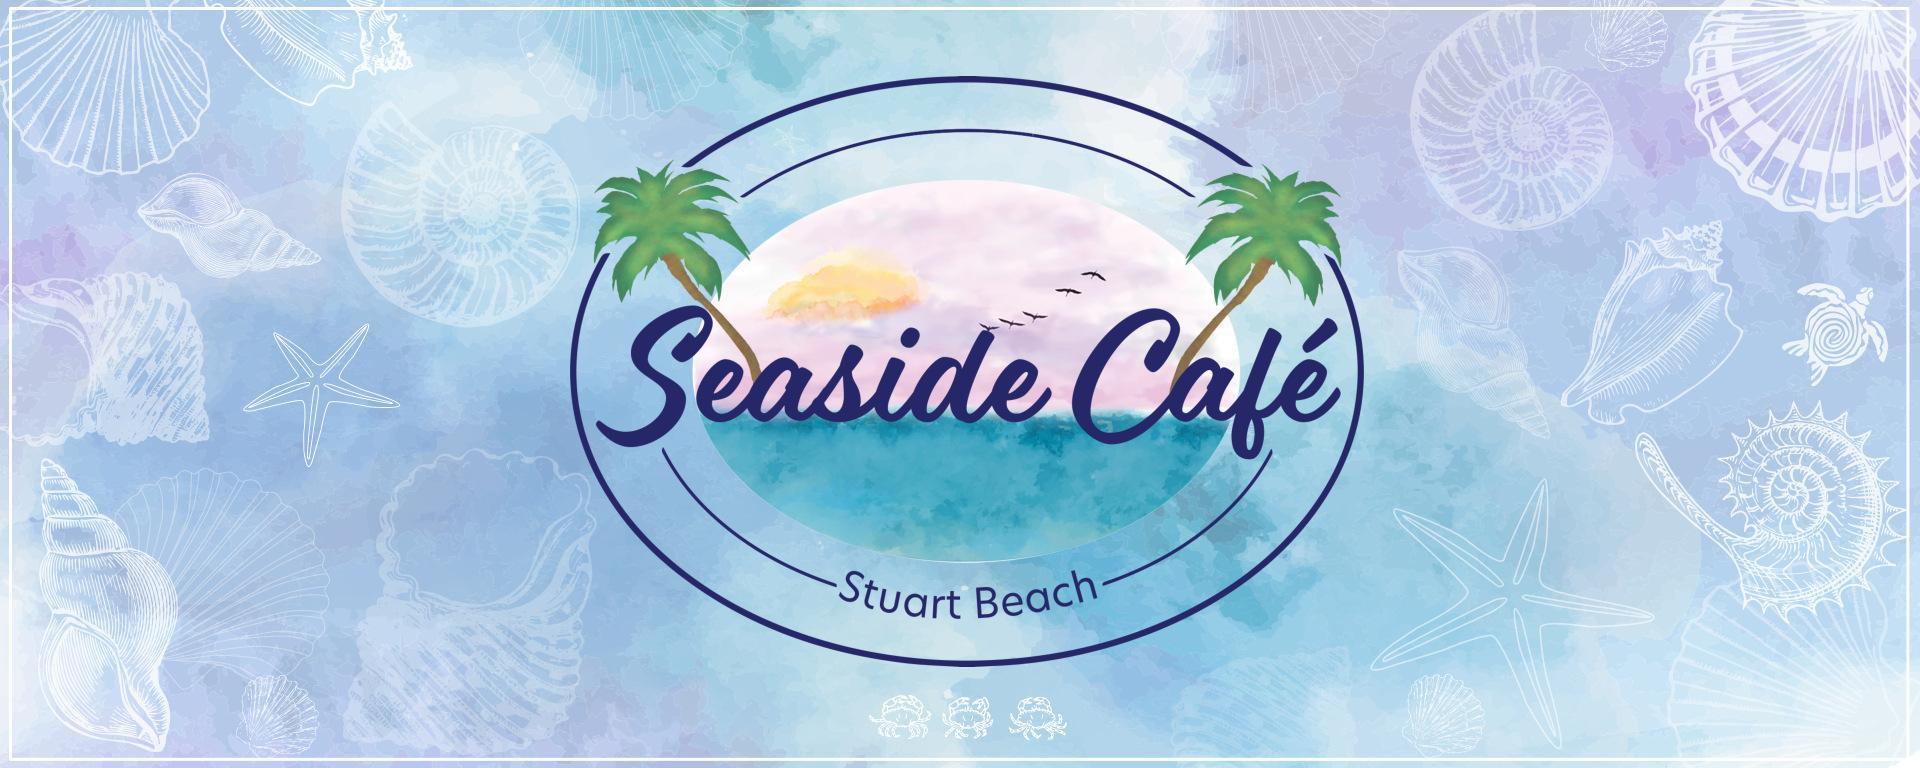 Seaside Cafe and logo